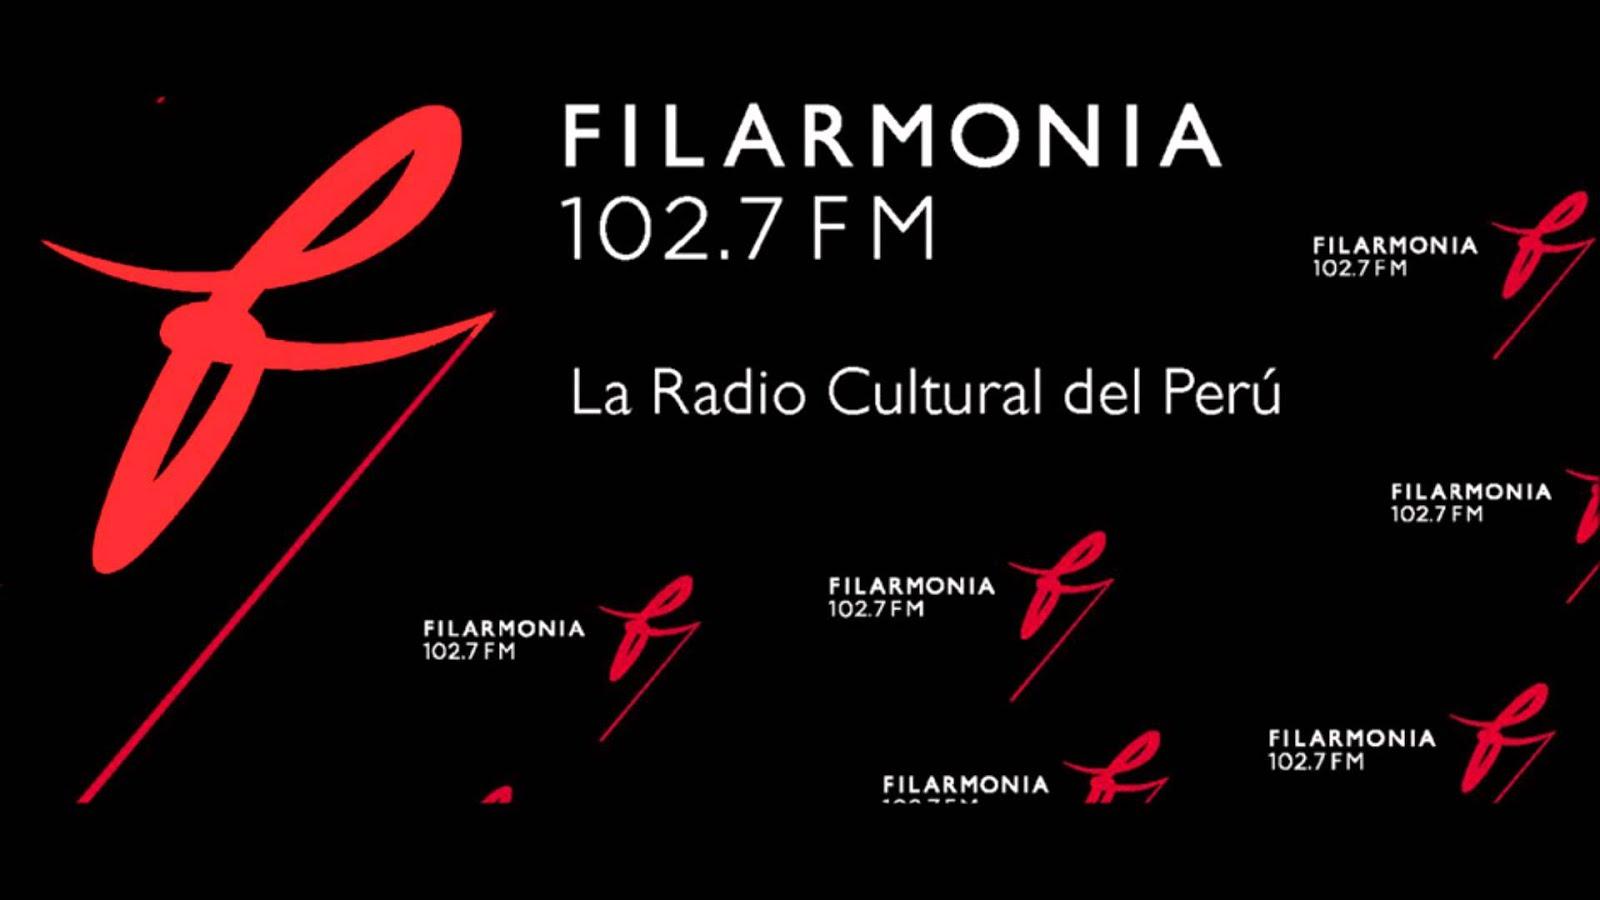 RADIO FILARMONÌA